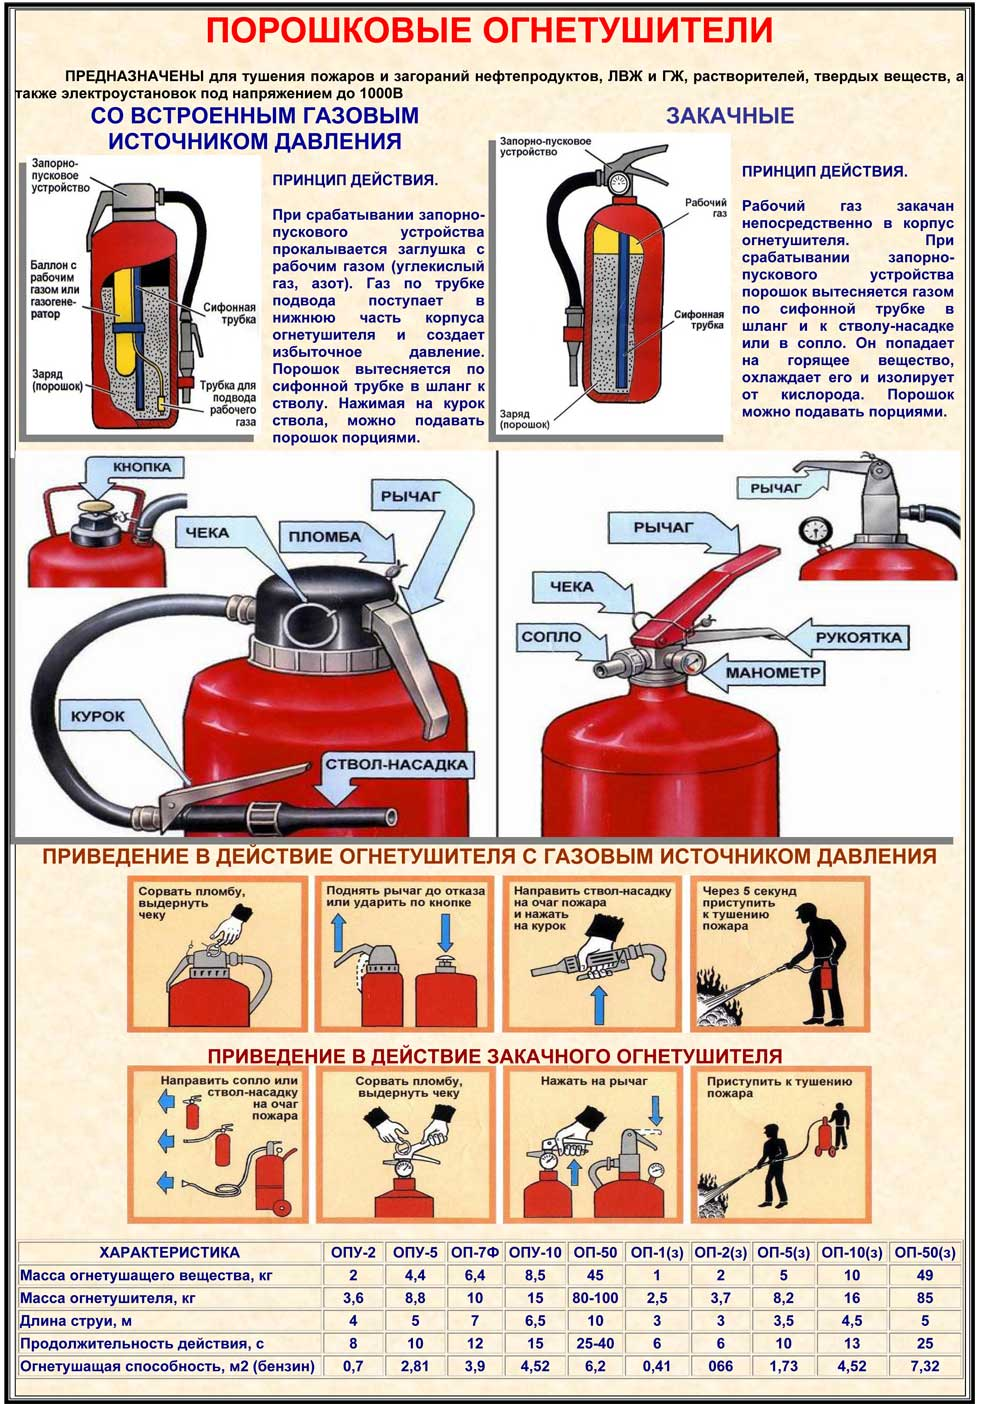 скачать инструкцию по мерам пожарной безопасности 2012